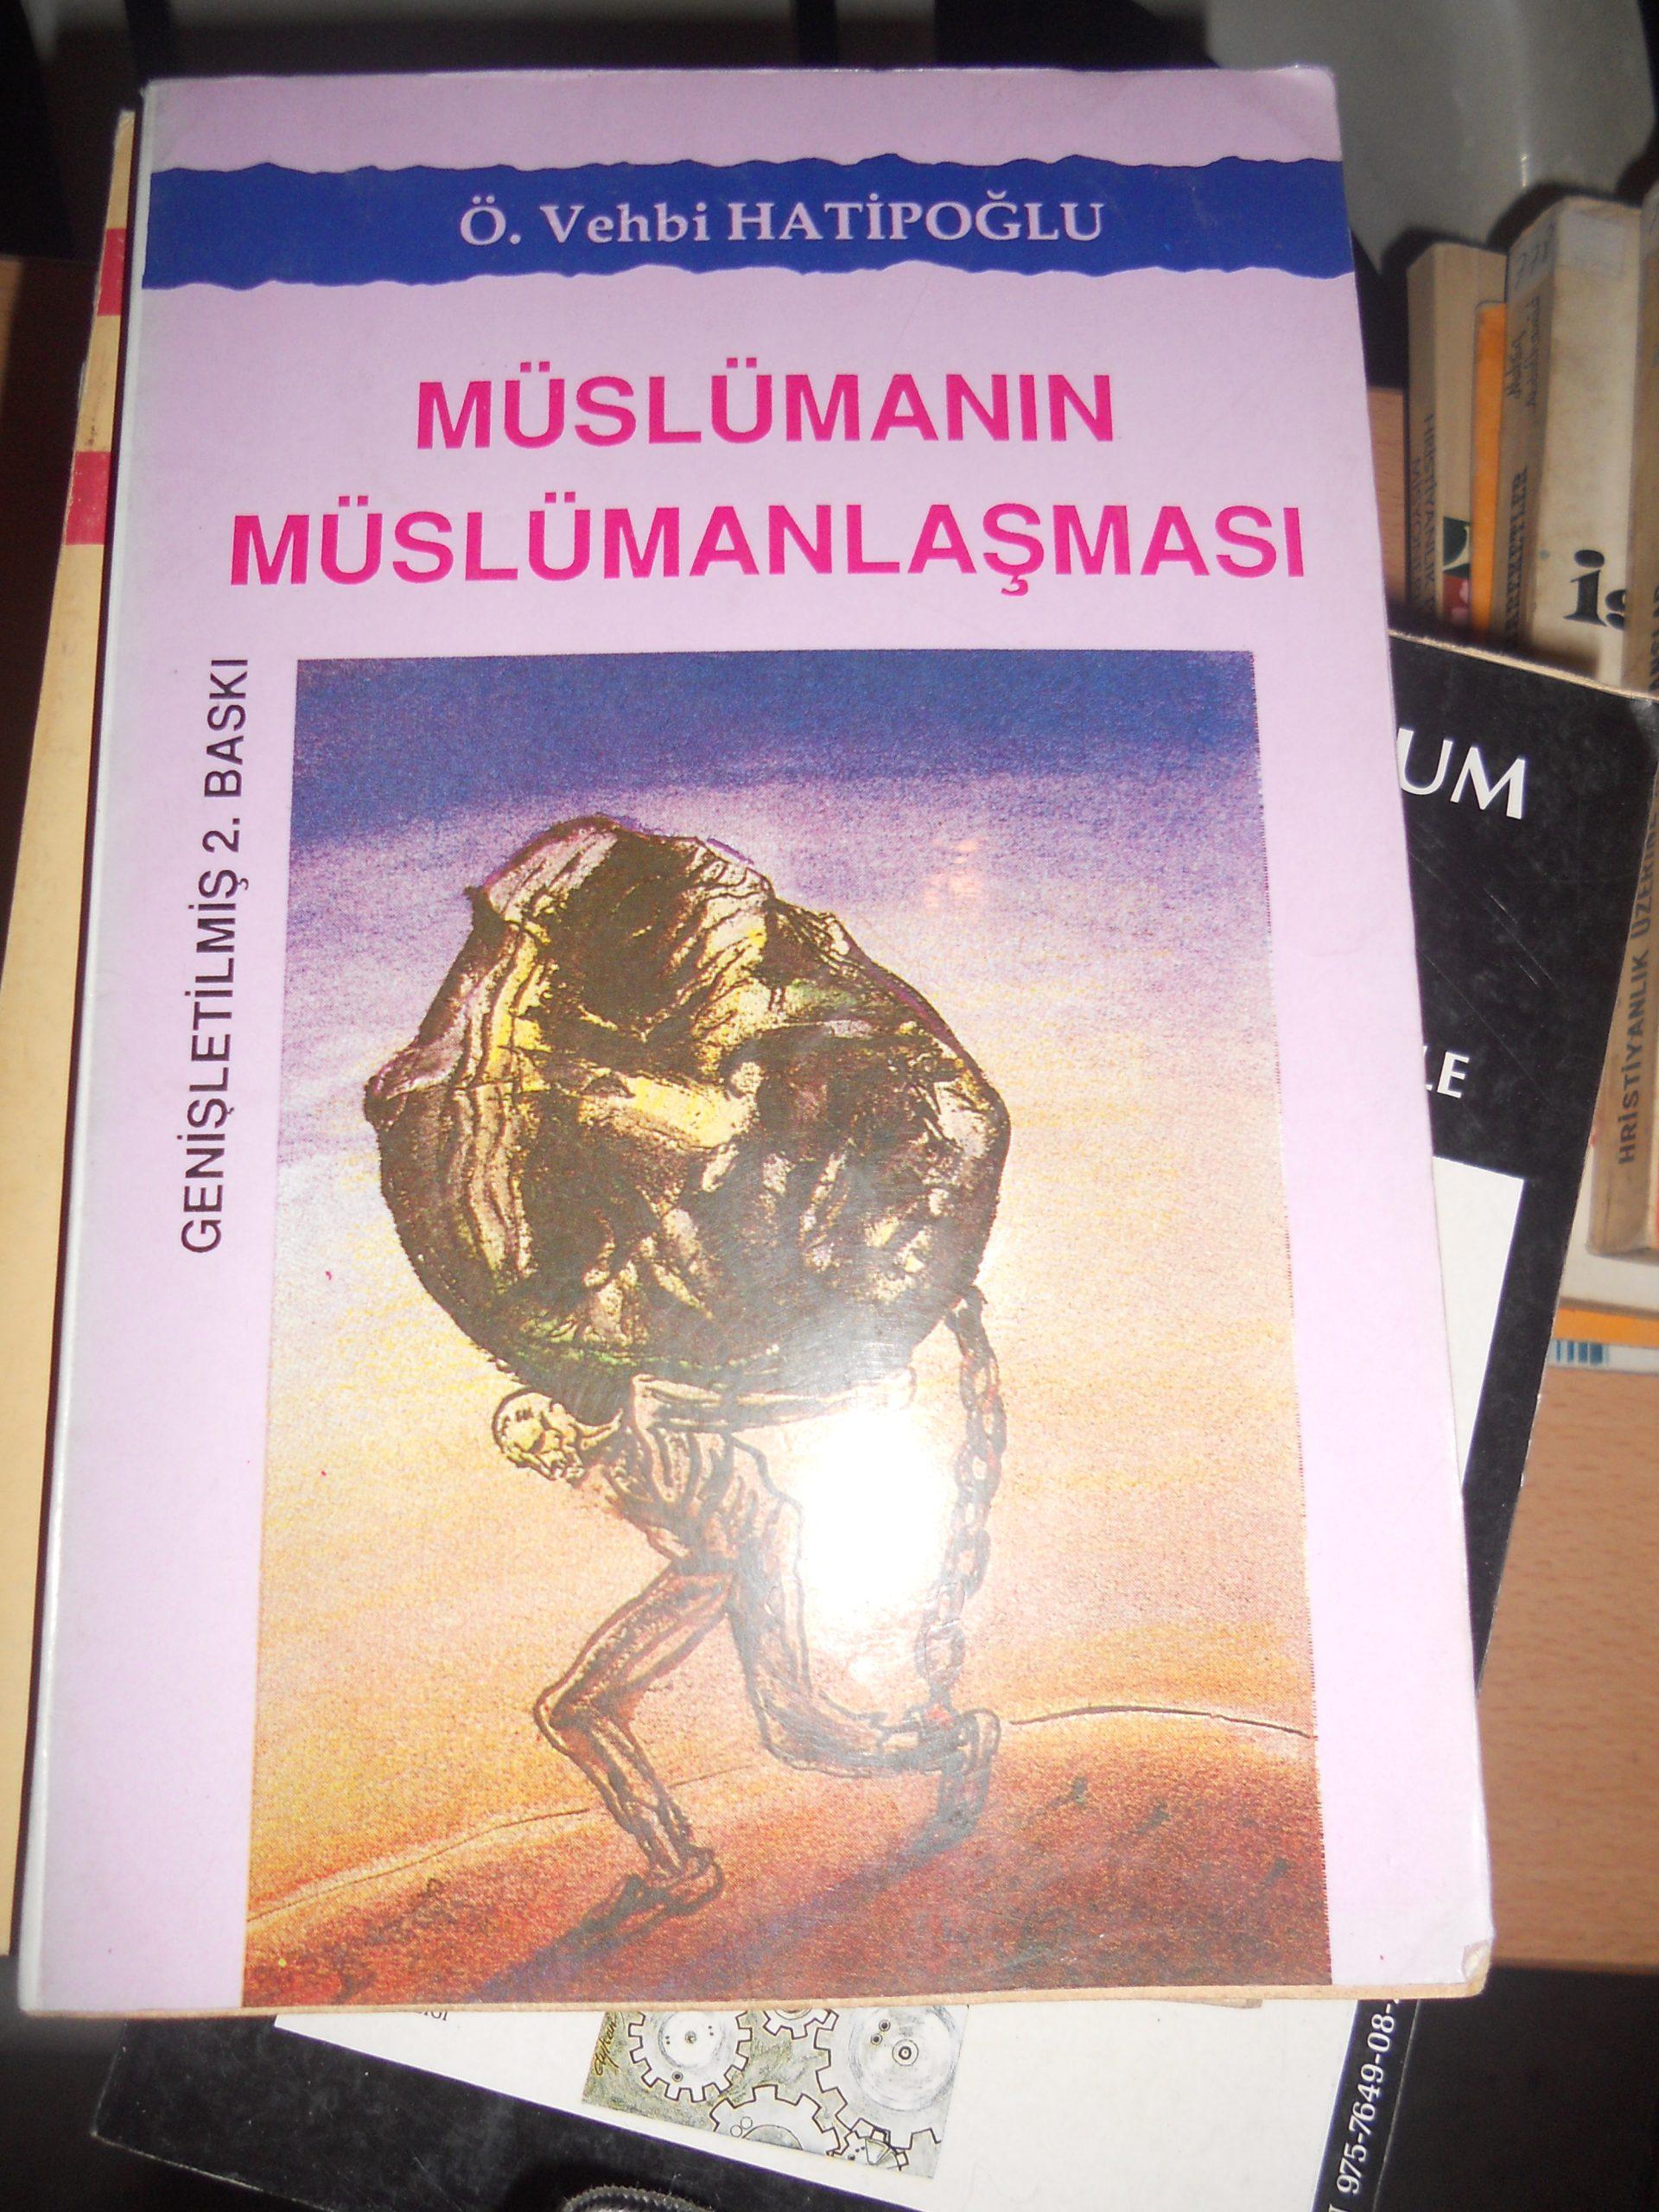 MÜSLÜMANIN MÜSLÜMANLAŞMASI/Ö.Vehbi Hatiboğlu/10 tl